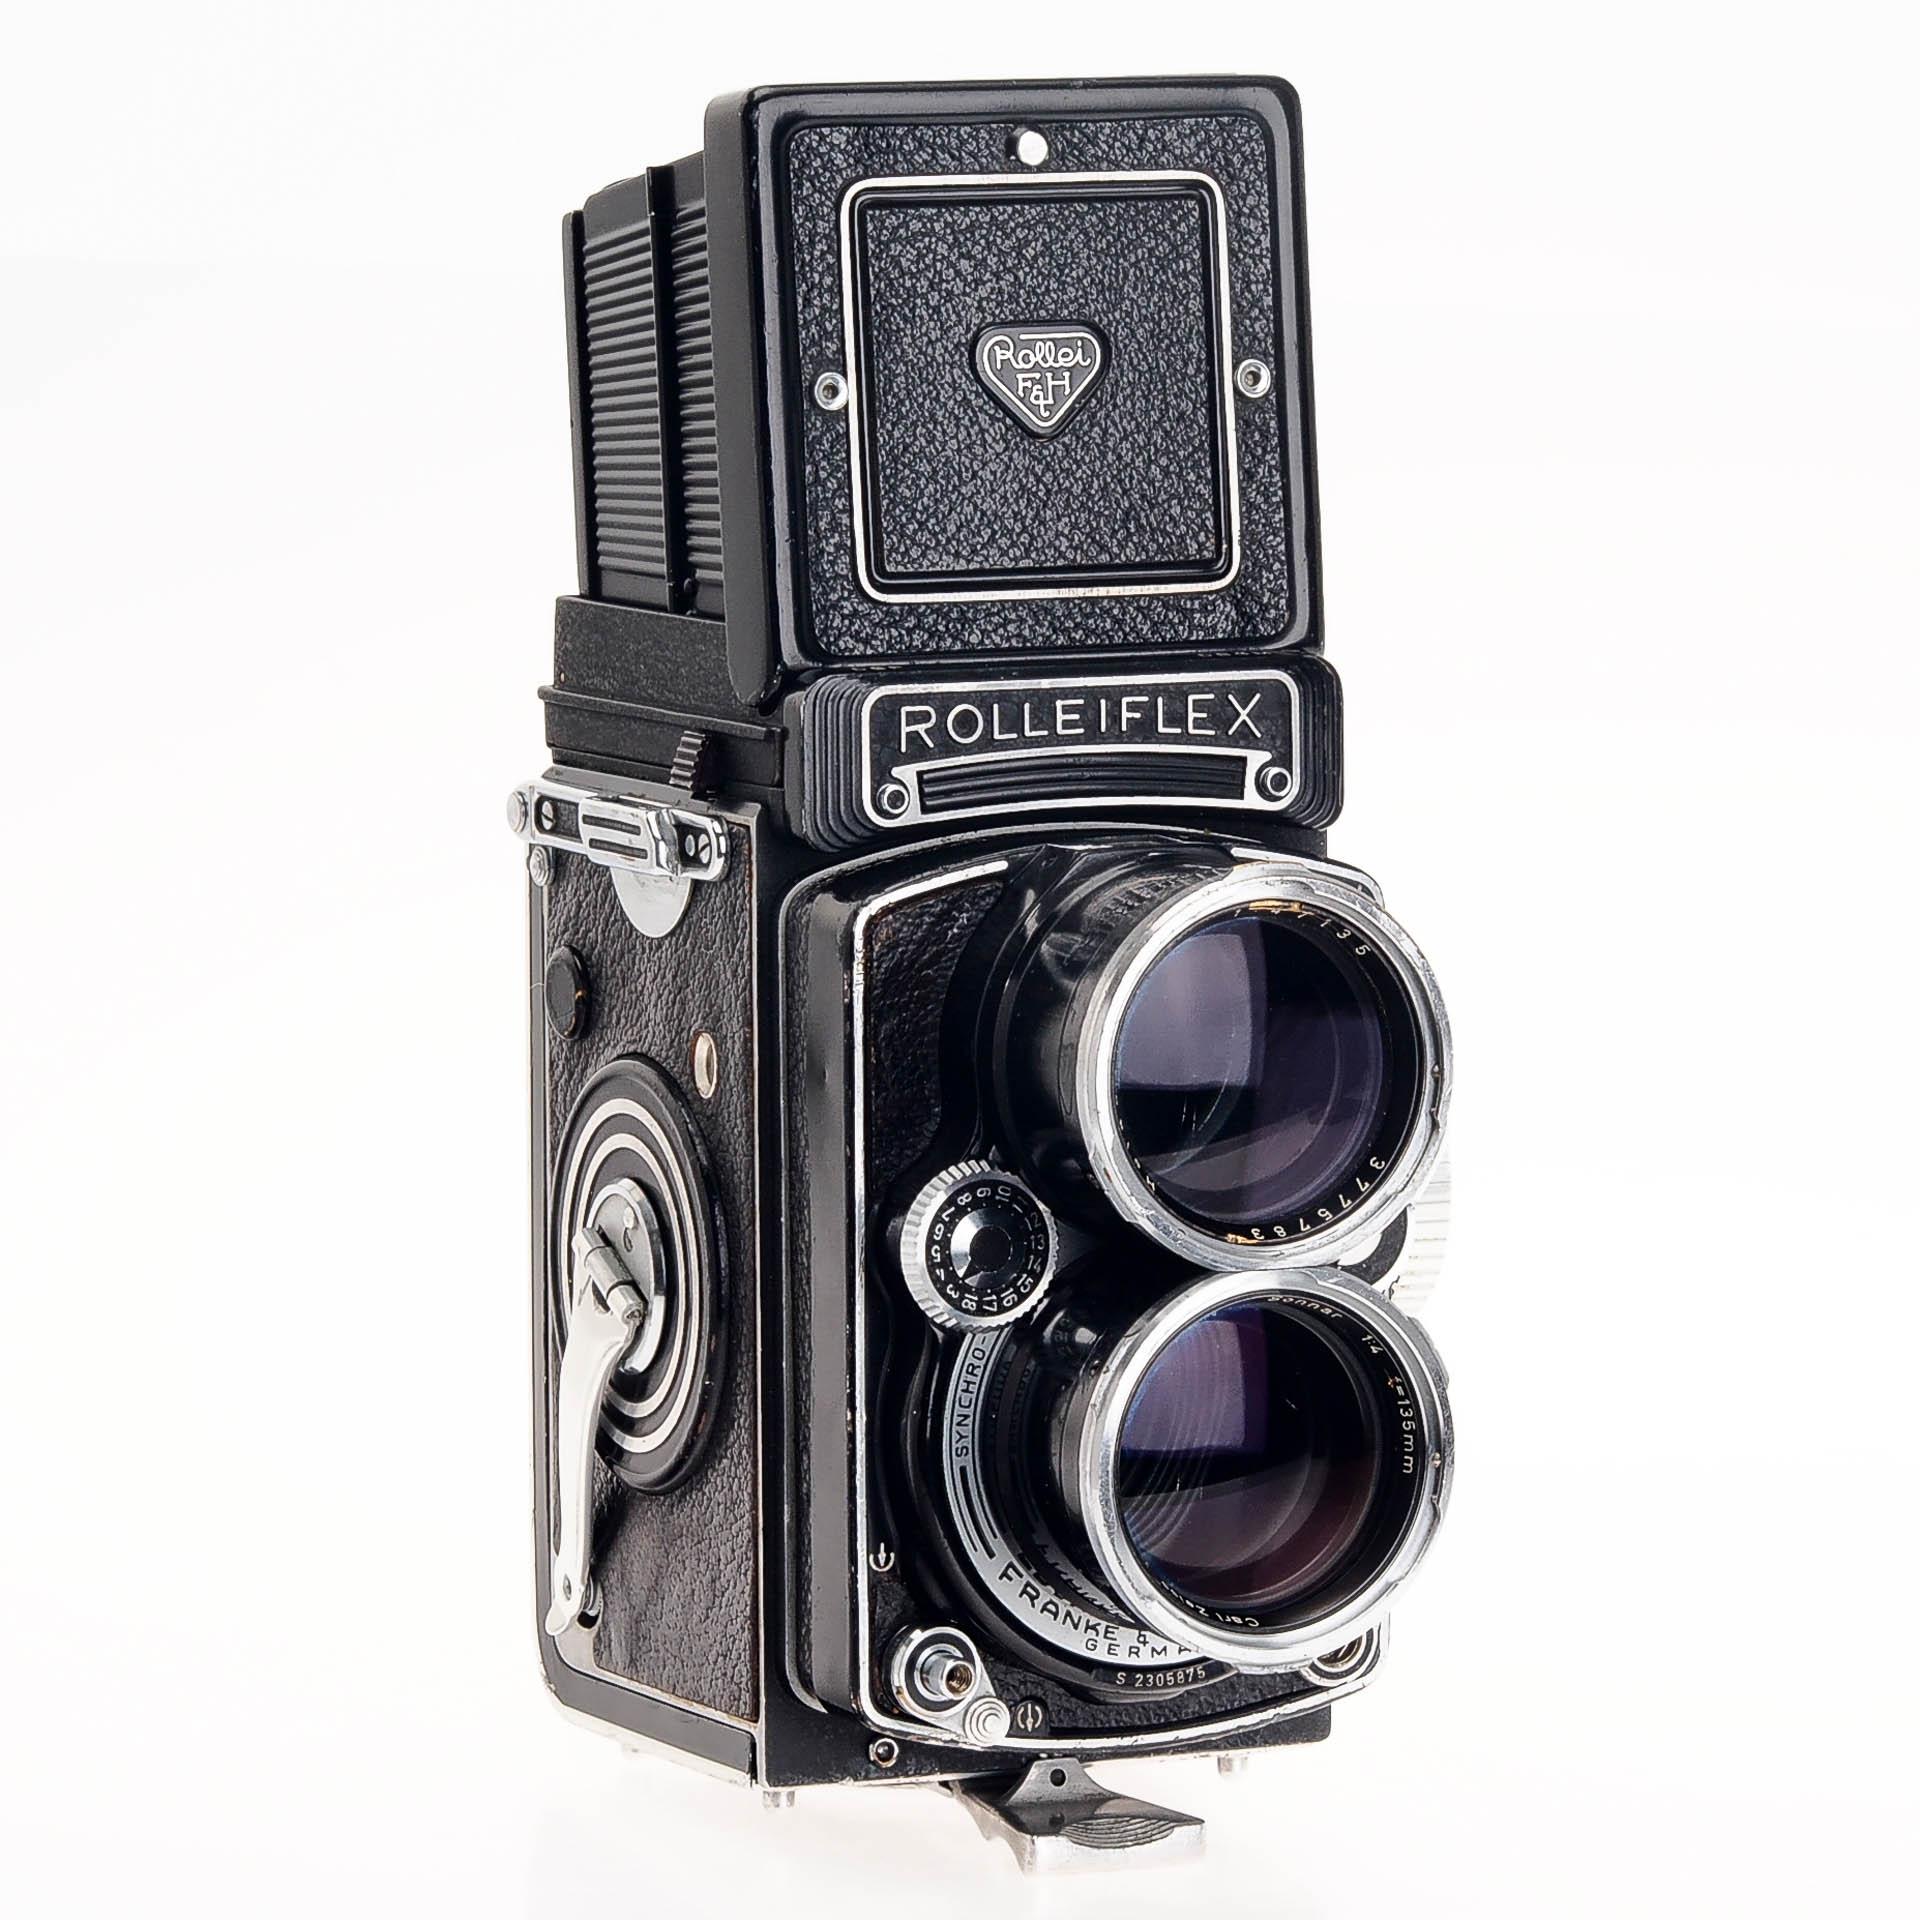 Vintage calumet 4x5 cameras confirm. agree